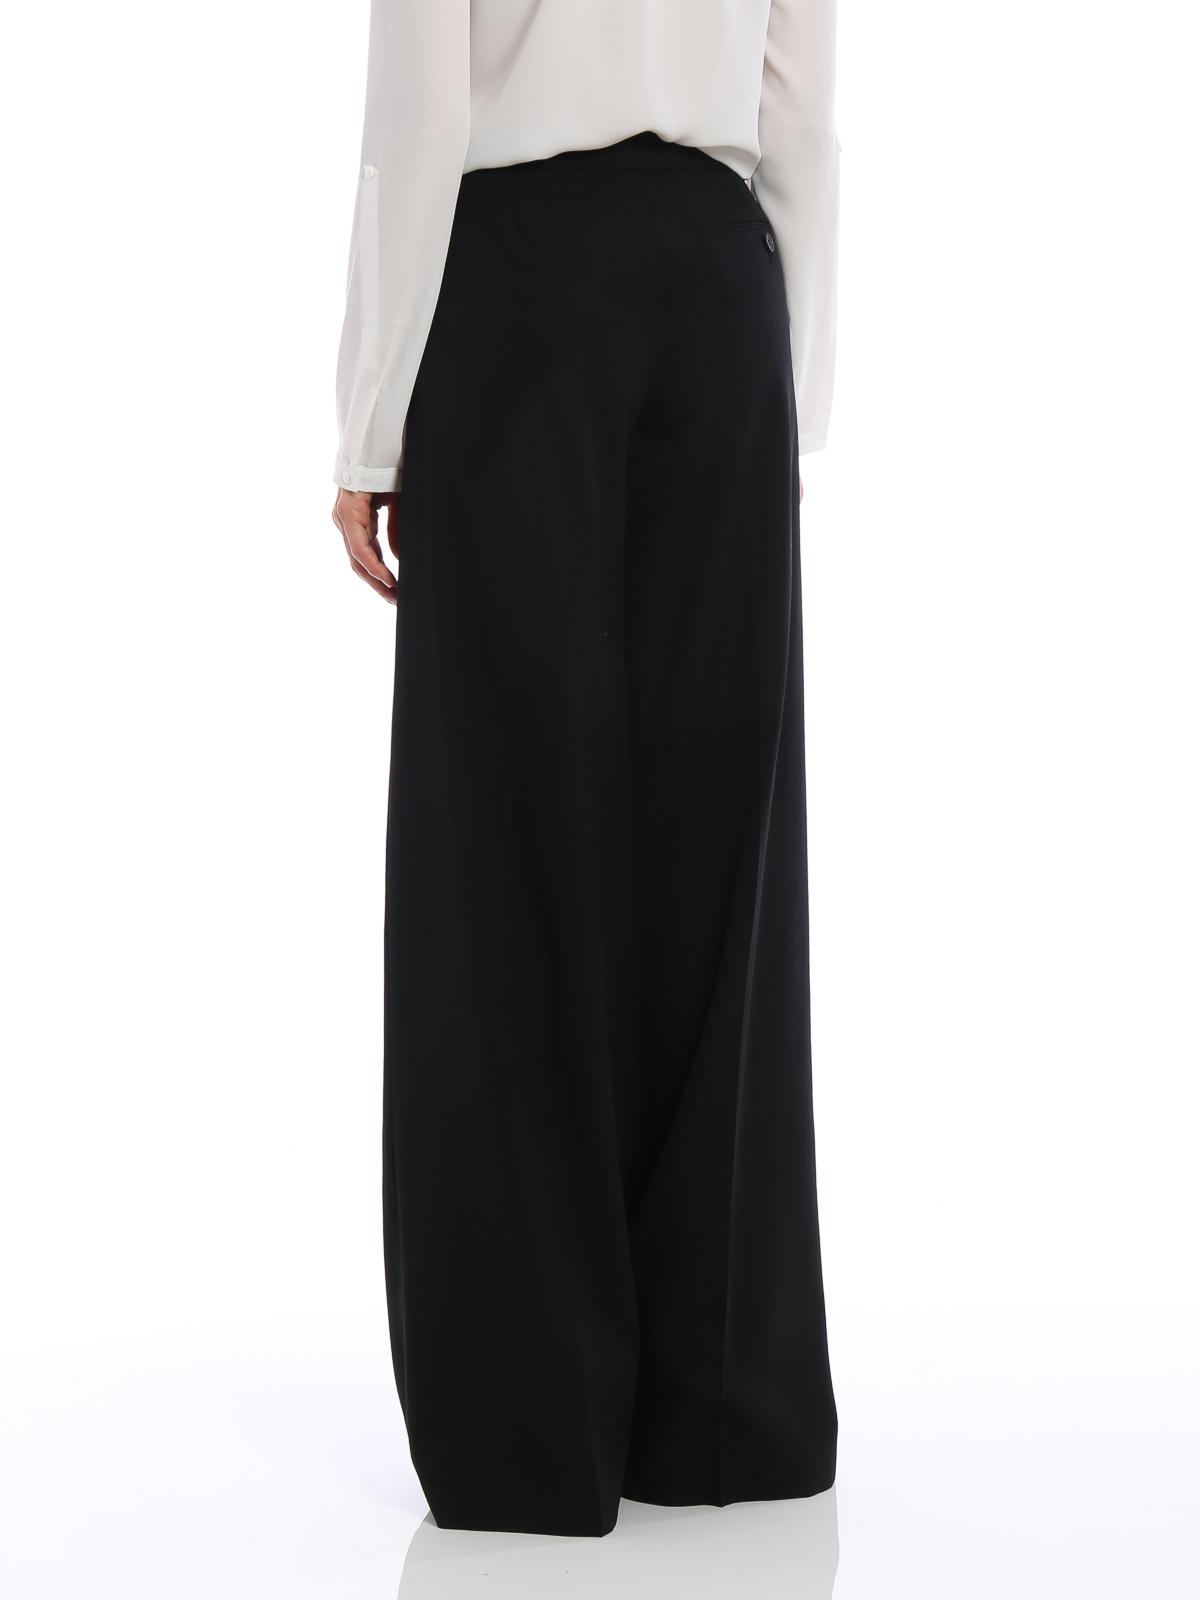 7e1b72483c24 iKRIX ALEXANDER MCQUEEN  Pantalons élégants - Pantalon Couturier - Noir